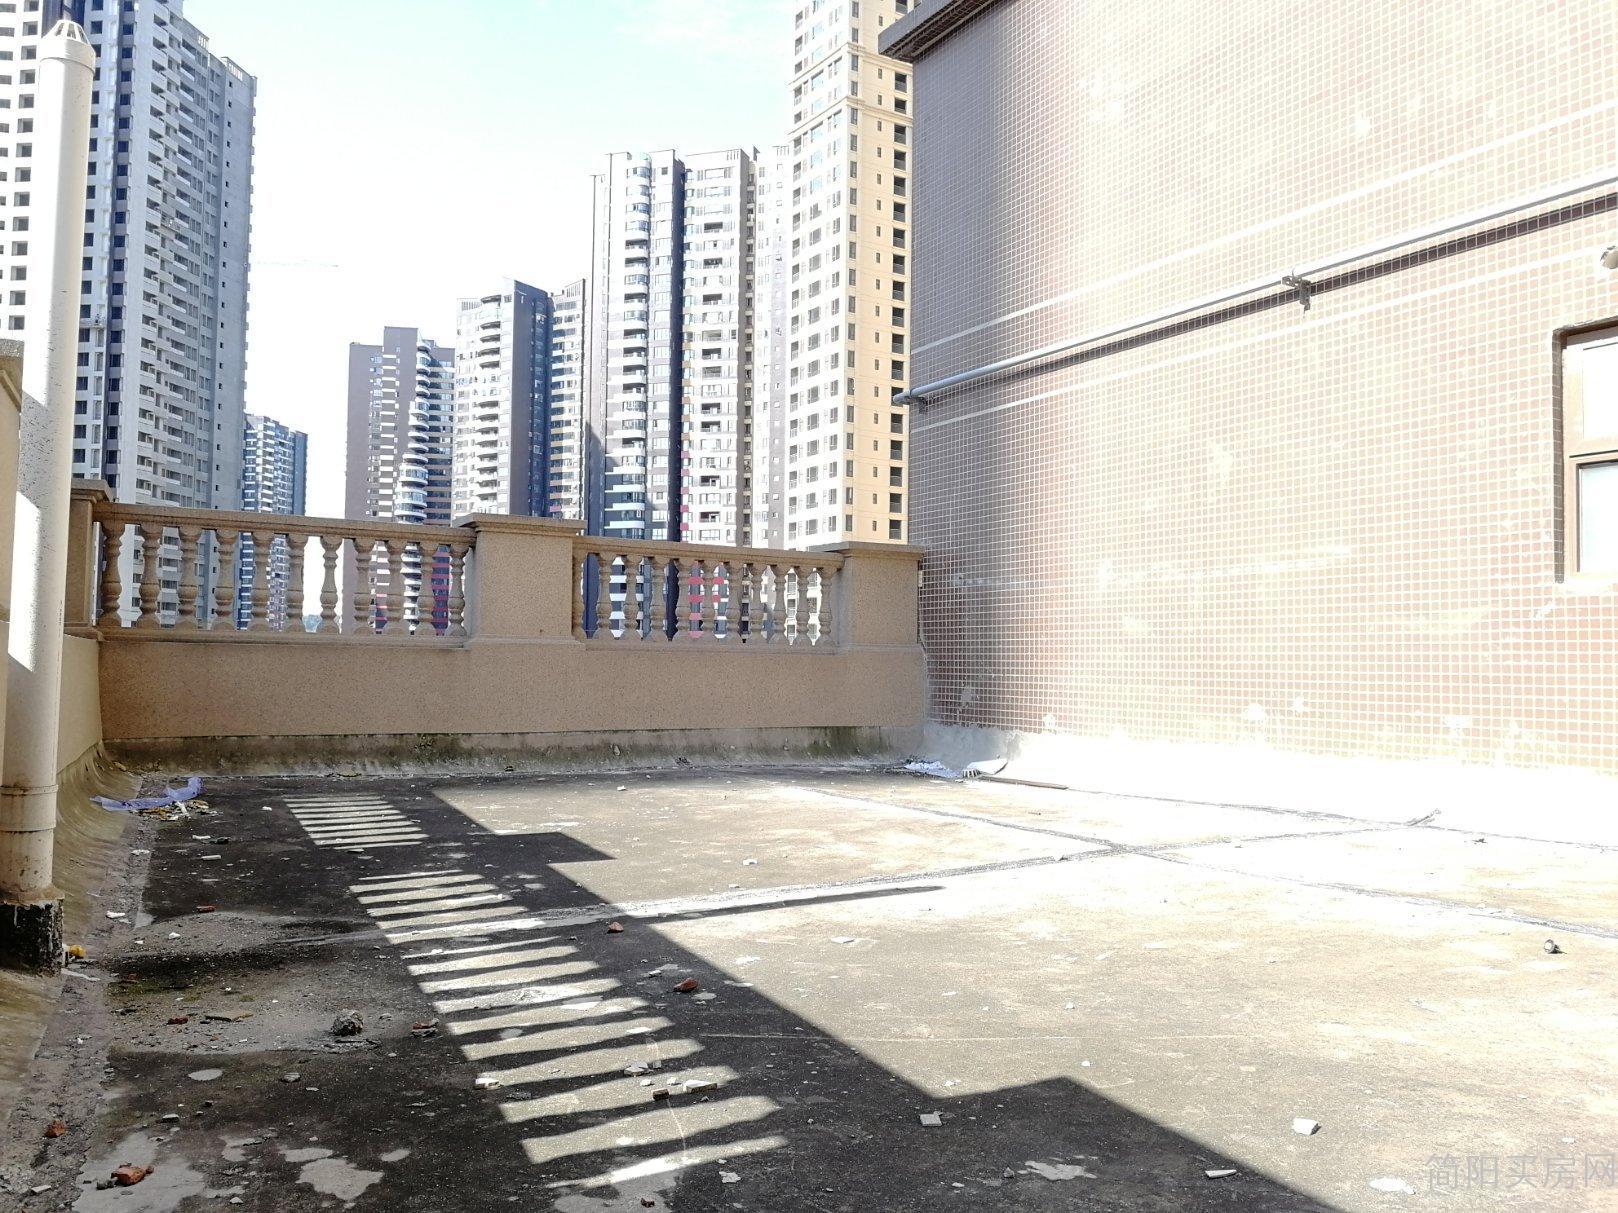 河东新区沱四桥旁蓝湖城邦清水套三 带平台 随时看房